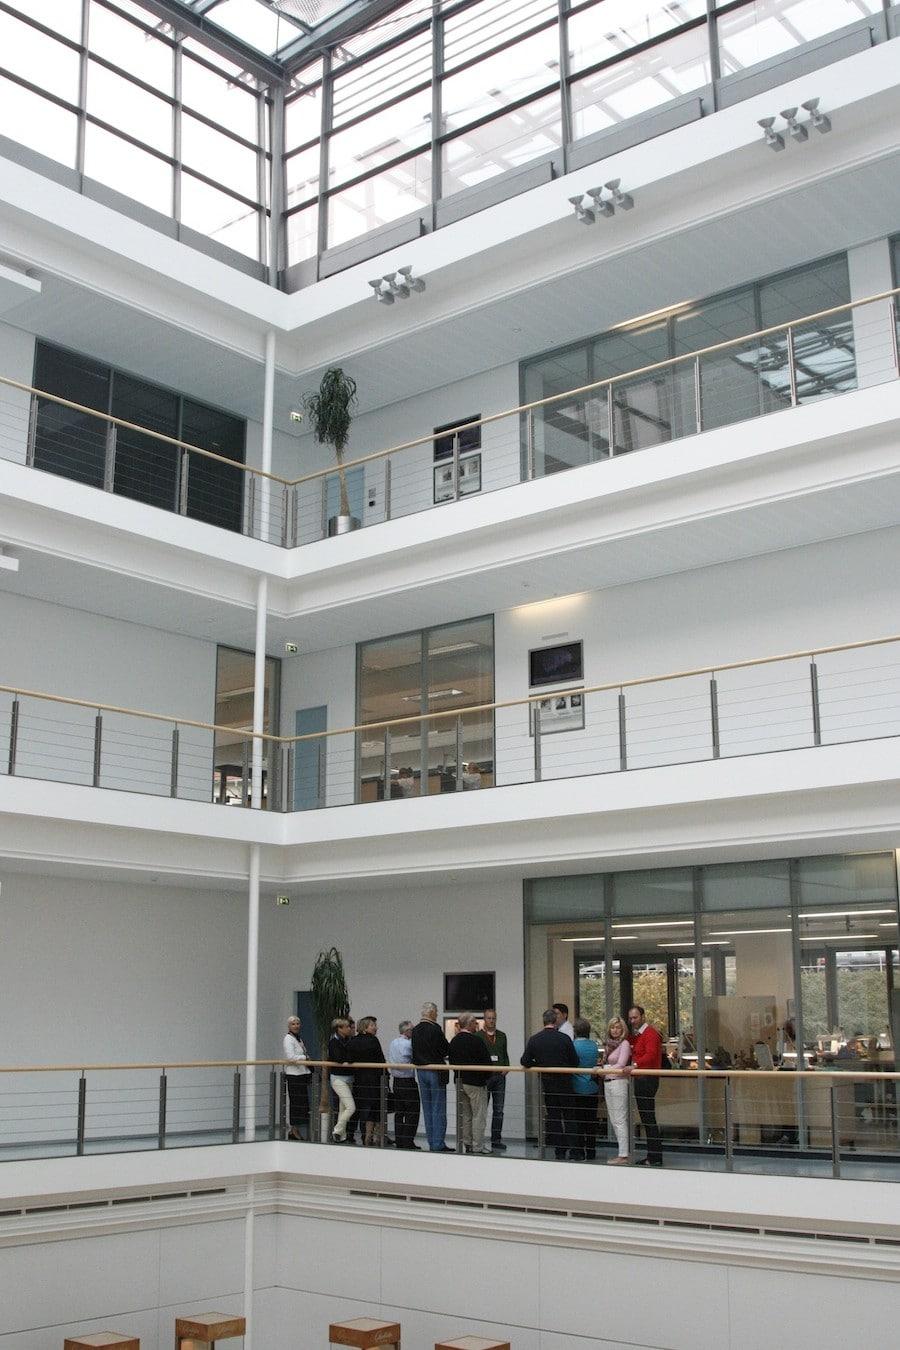 Durch den integrierten Lehrpfad wird die Manufaktur mit ihrem imposanten Atrium erlebbar.